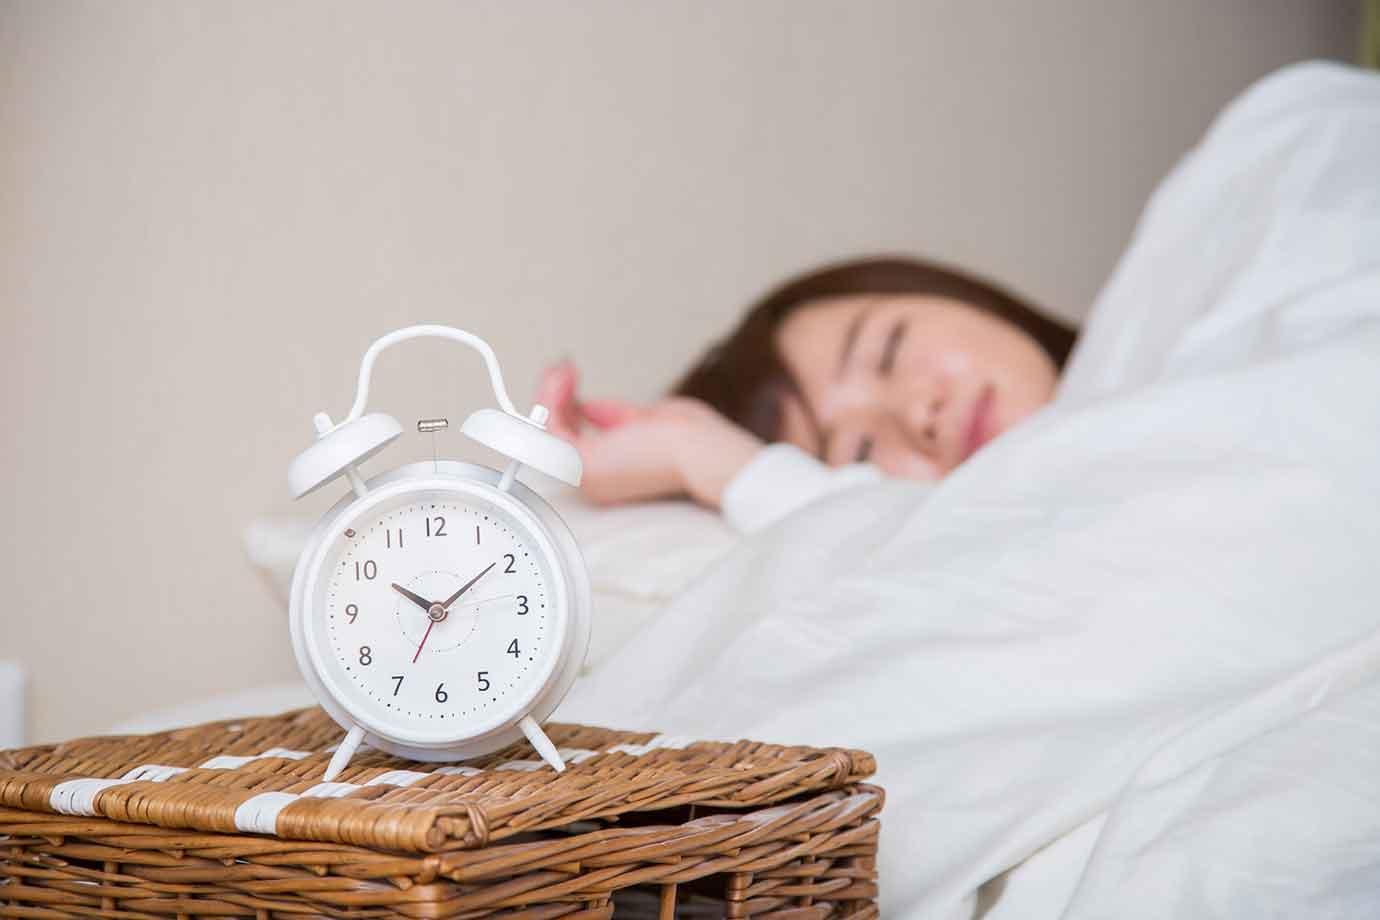 いつもの生活リズムを崩す行動は、睡眠の質を下げて疲労を大きくしてしまいます